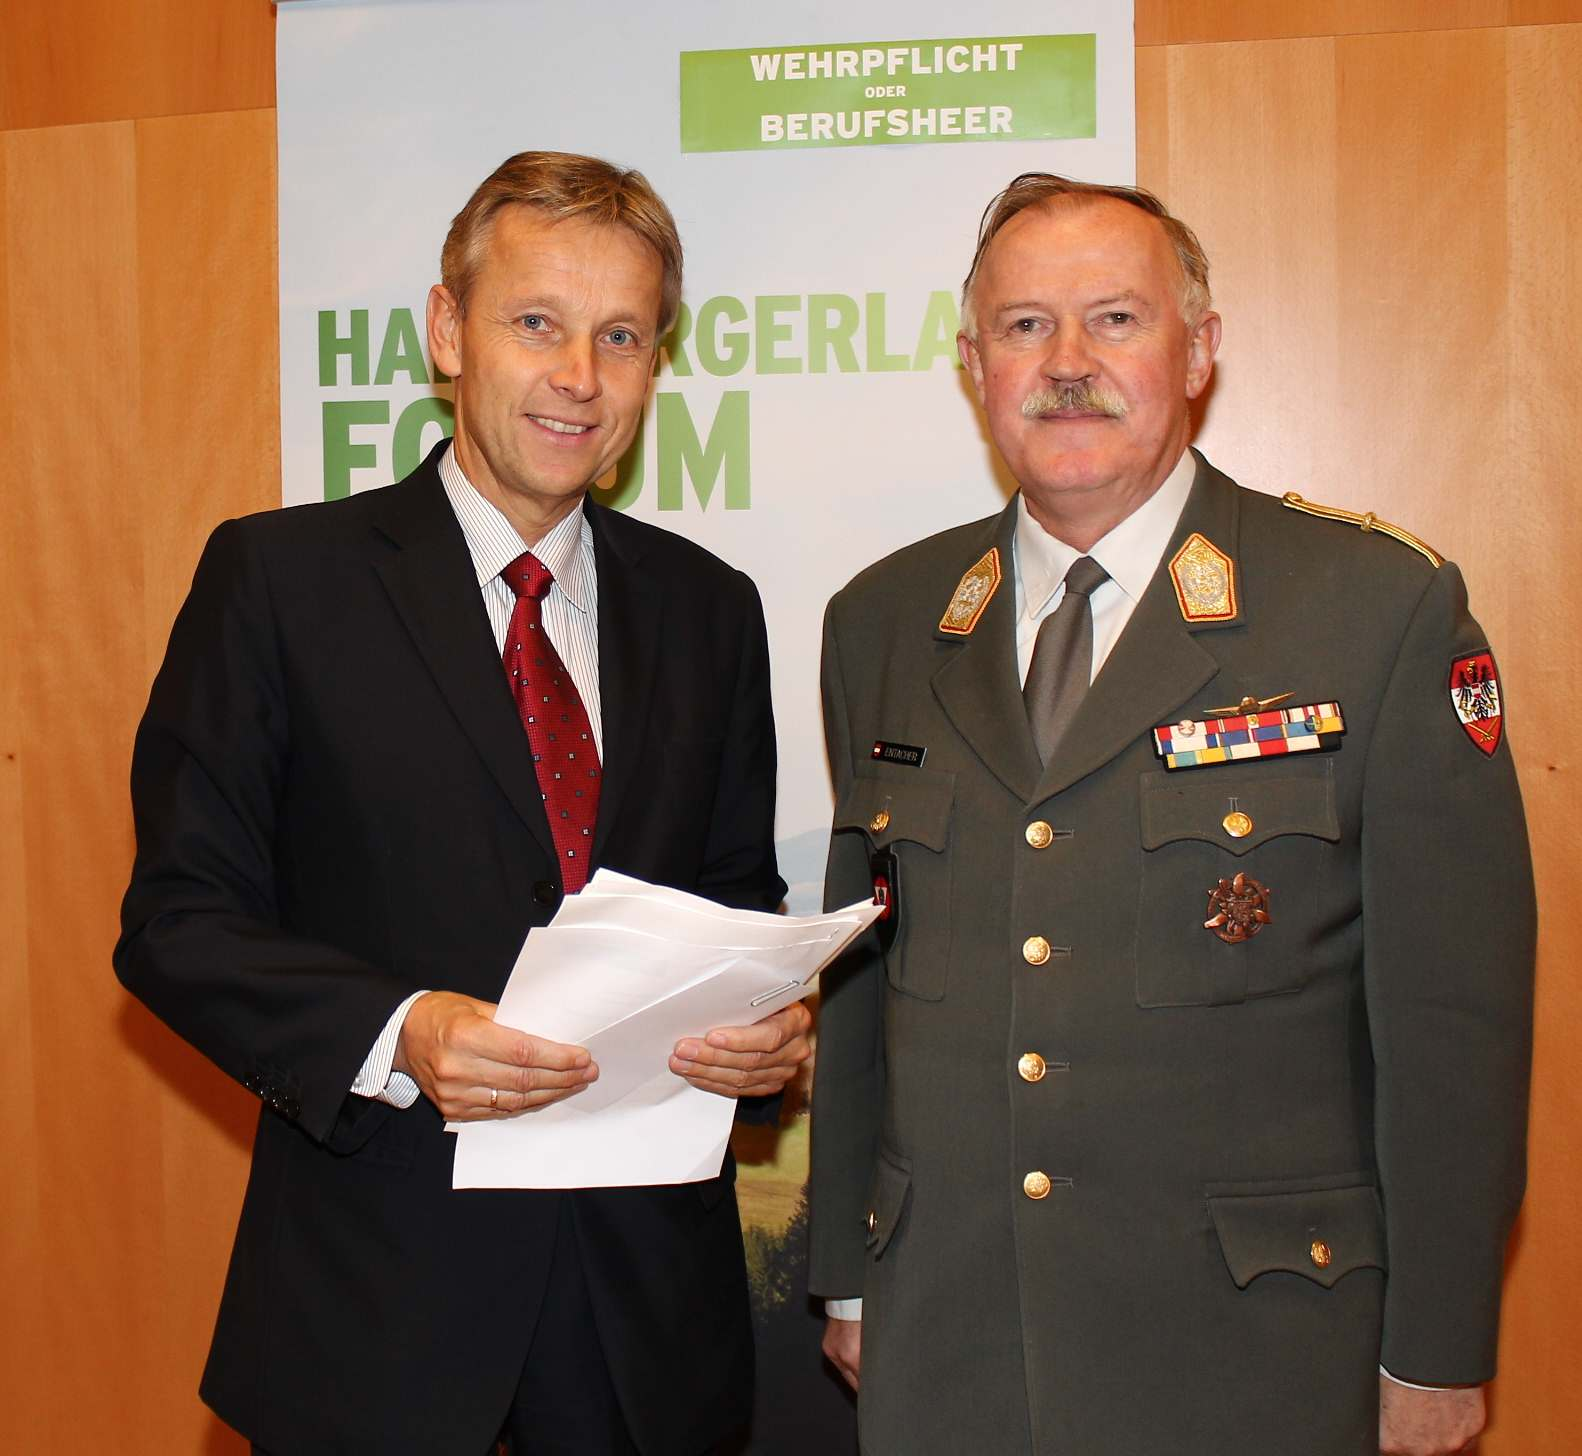 (c) Staatssekretär Lopatka mit Generalstabschef Entacher beim Hartbergerland Forum